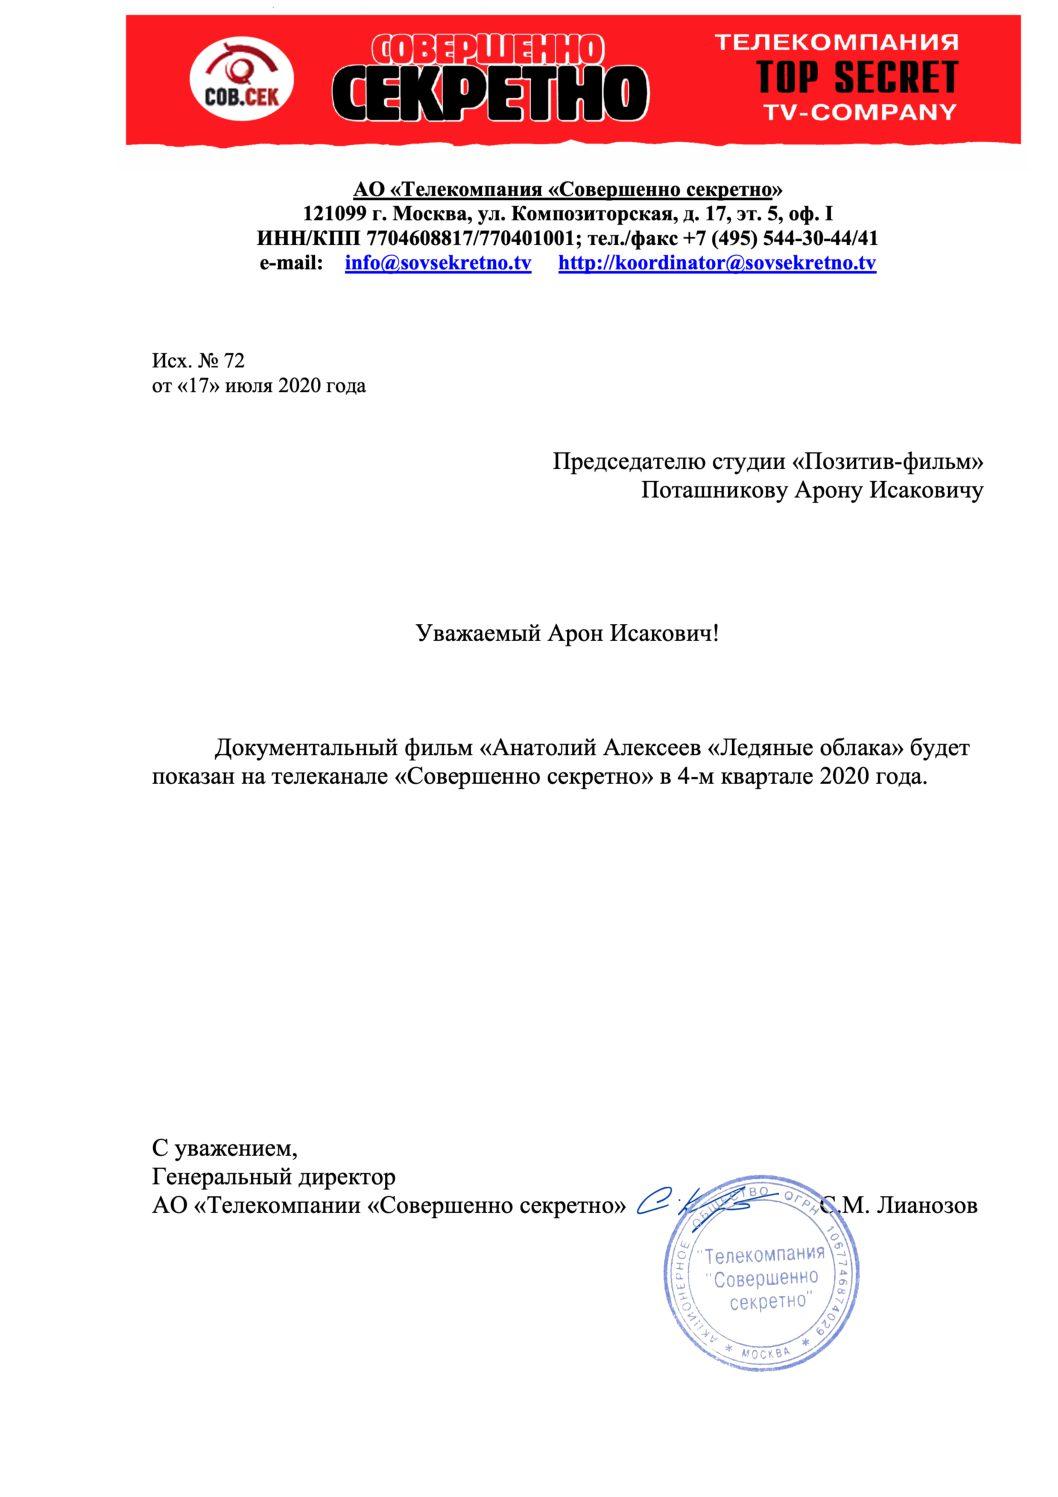 Фильм «Ледяные облака» о полярном лётчике, Герое Советского Союза Анатолии Алексееве будет показан на ТК «Культура», ОТР, «Совершенно секретно»